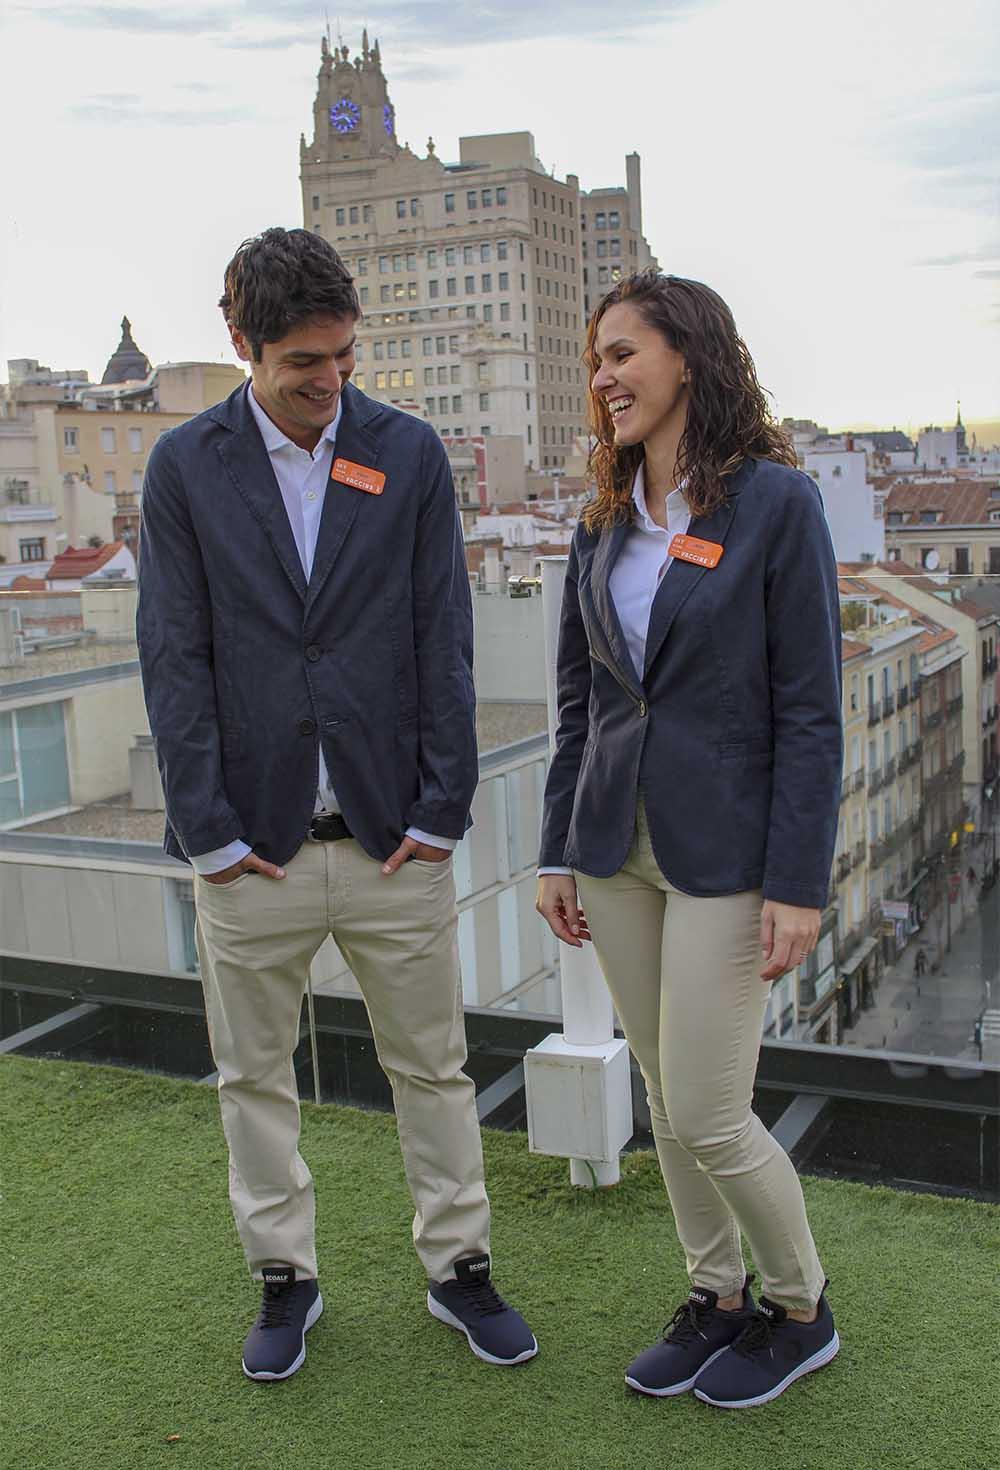 Room Mate presenta sus nuevos uniformes 100% reciclados creados exclusivamente para la cadena por Ecoalf.